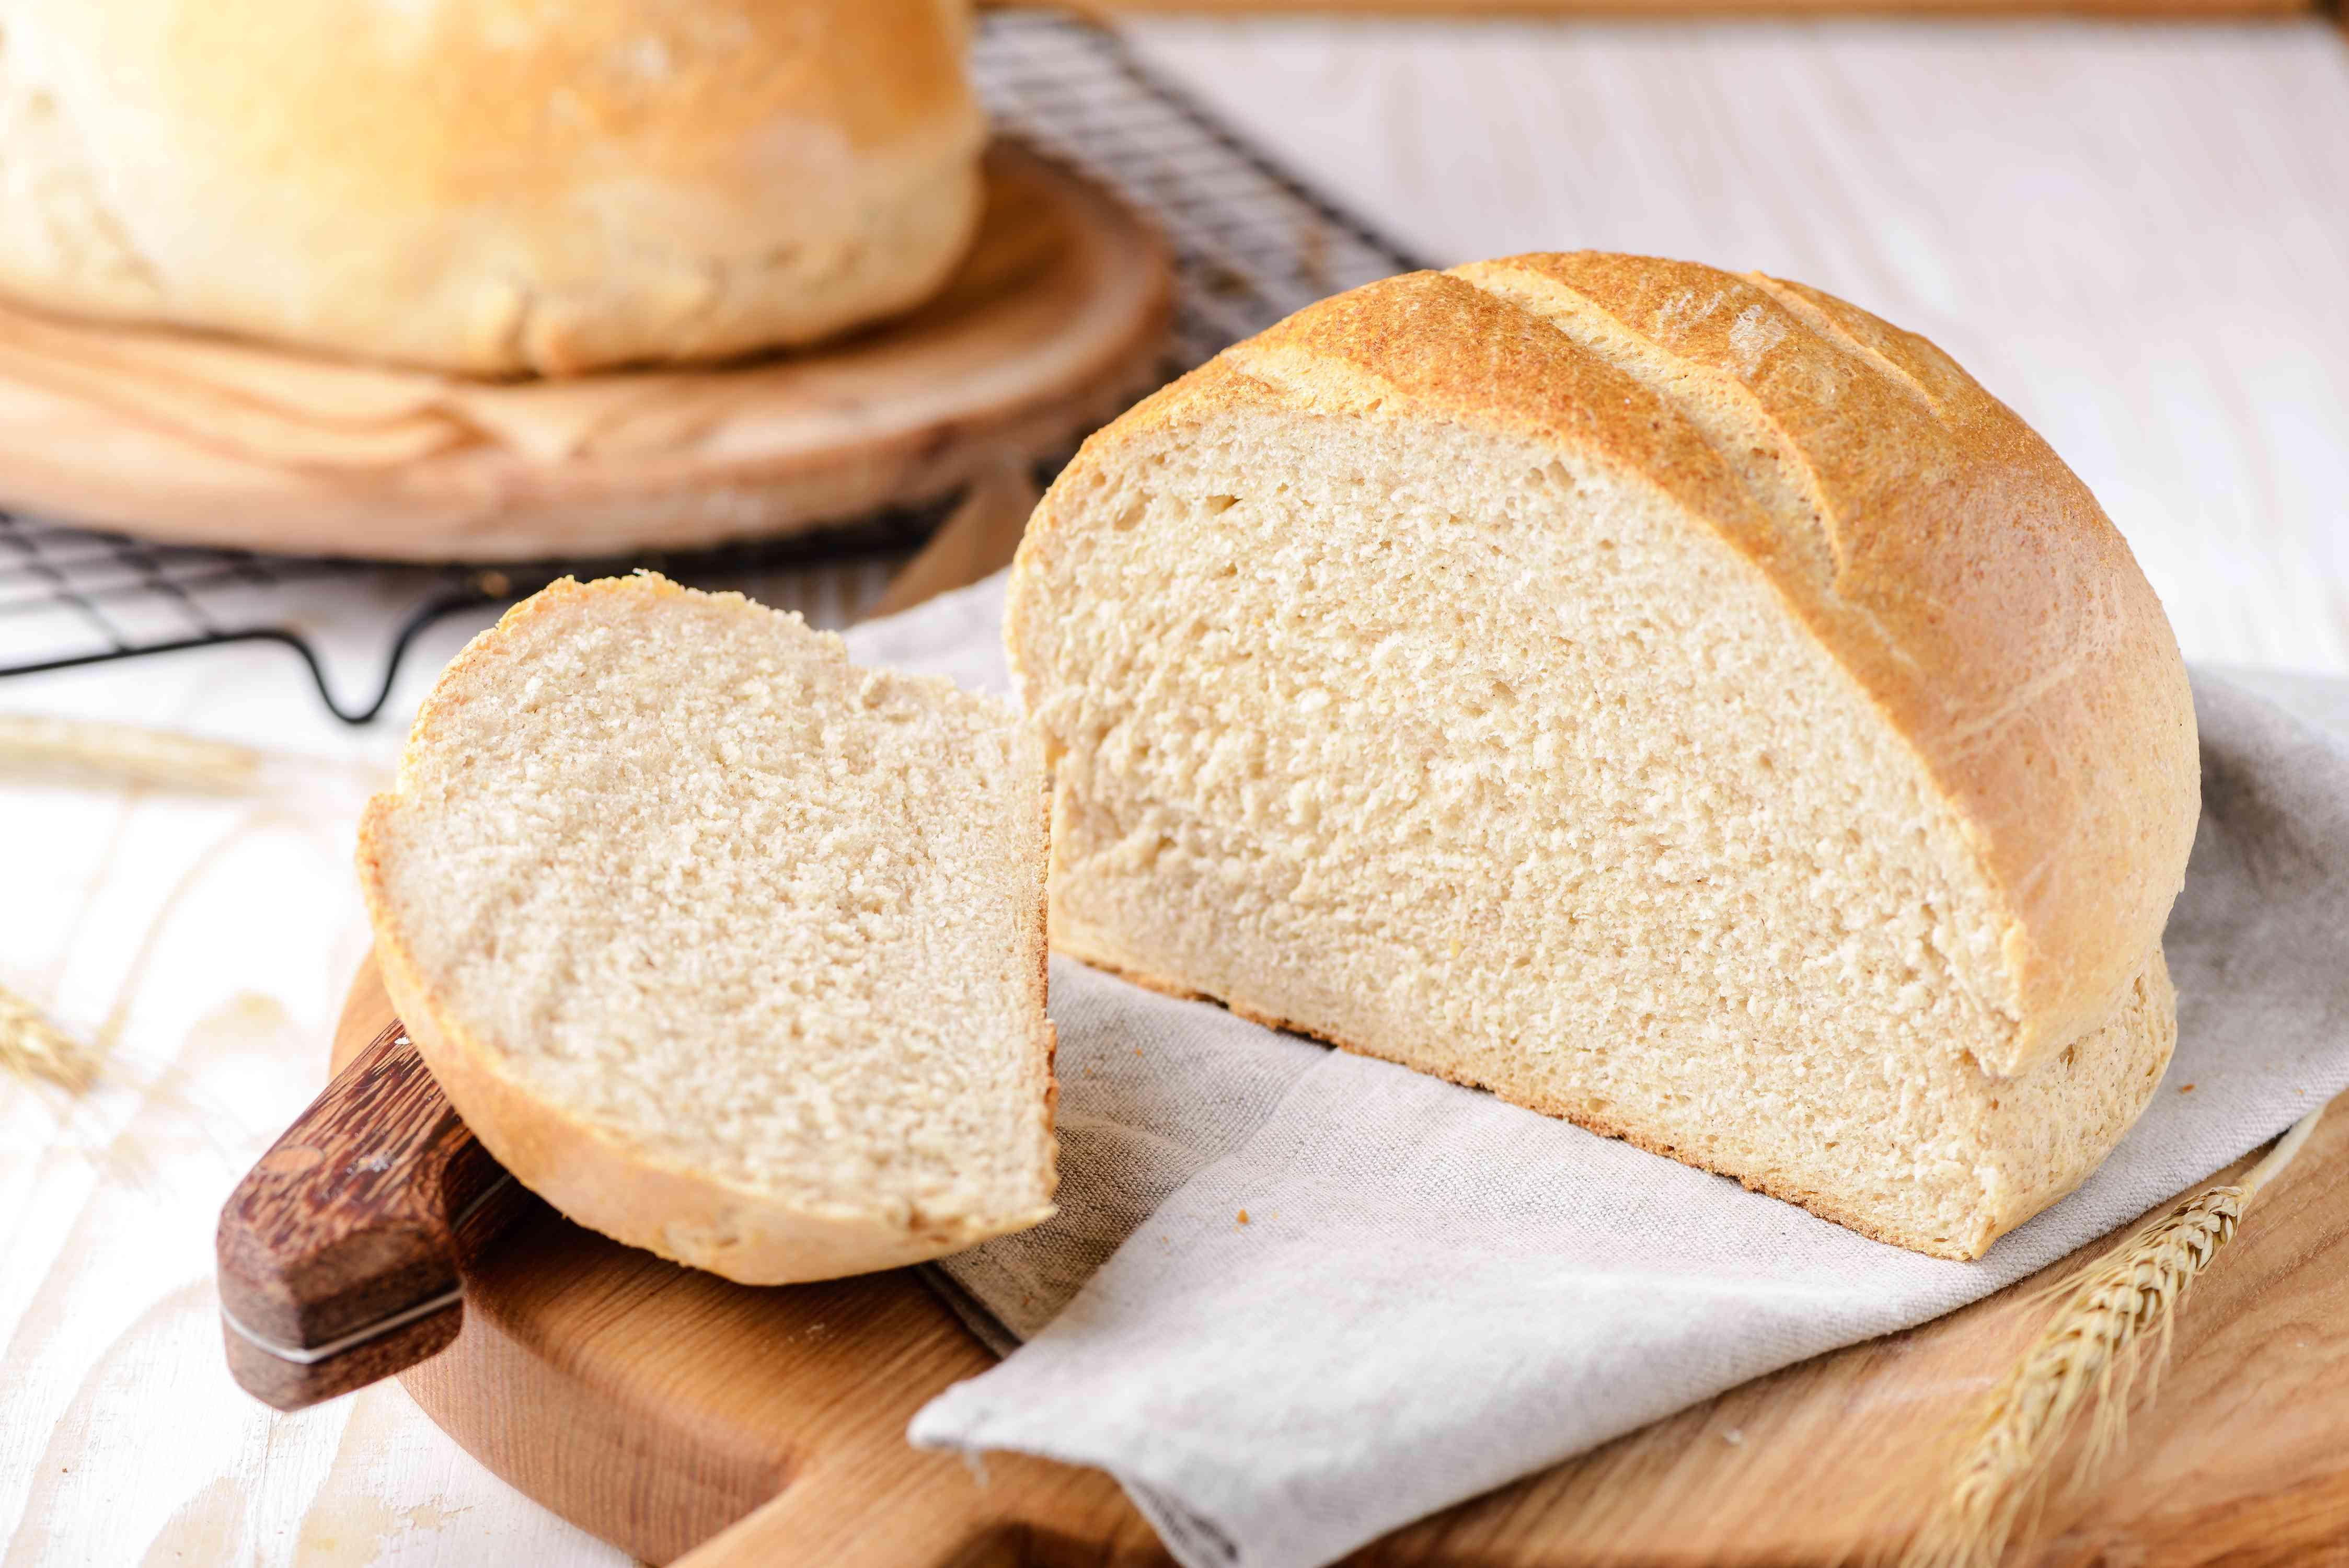 Polish buttermilk rye bread